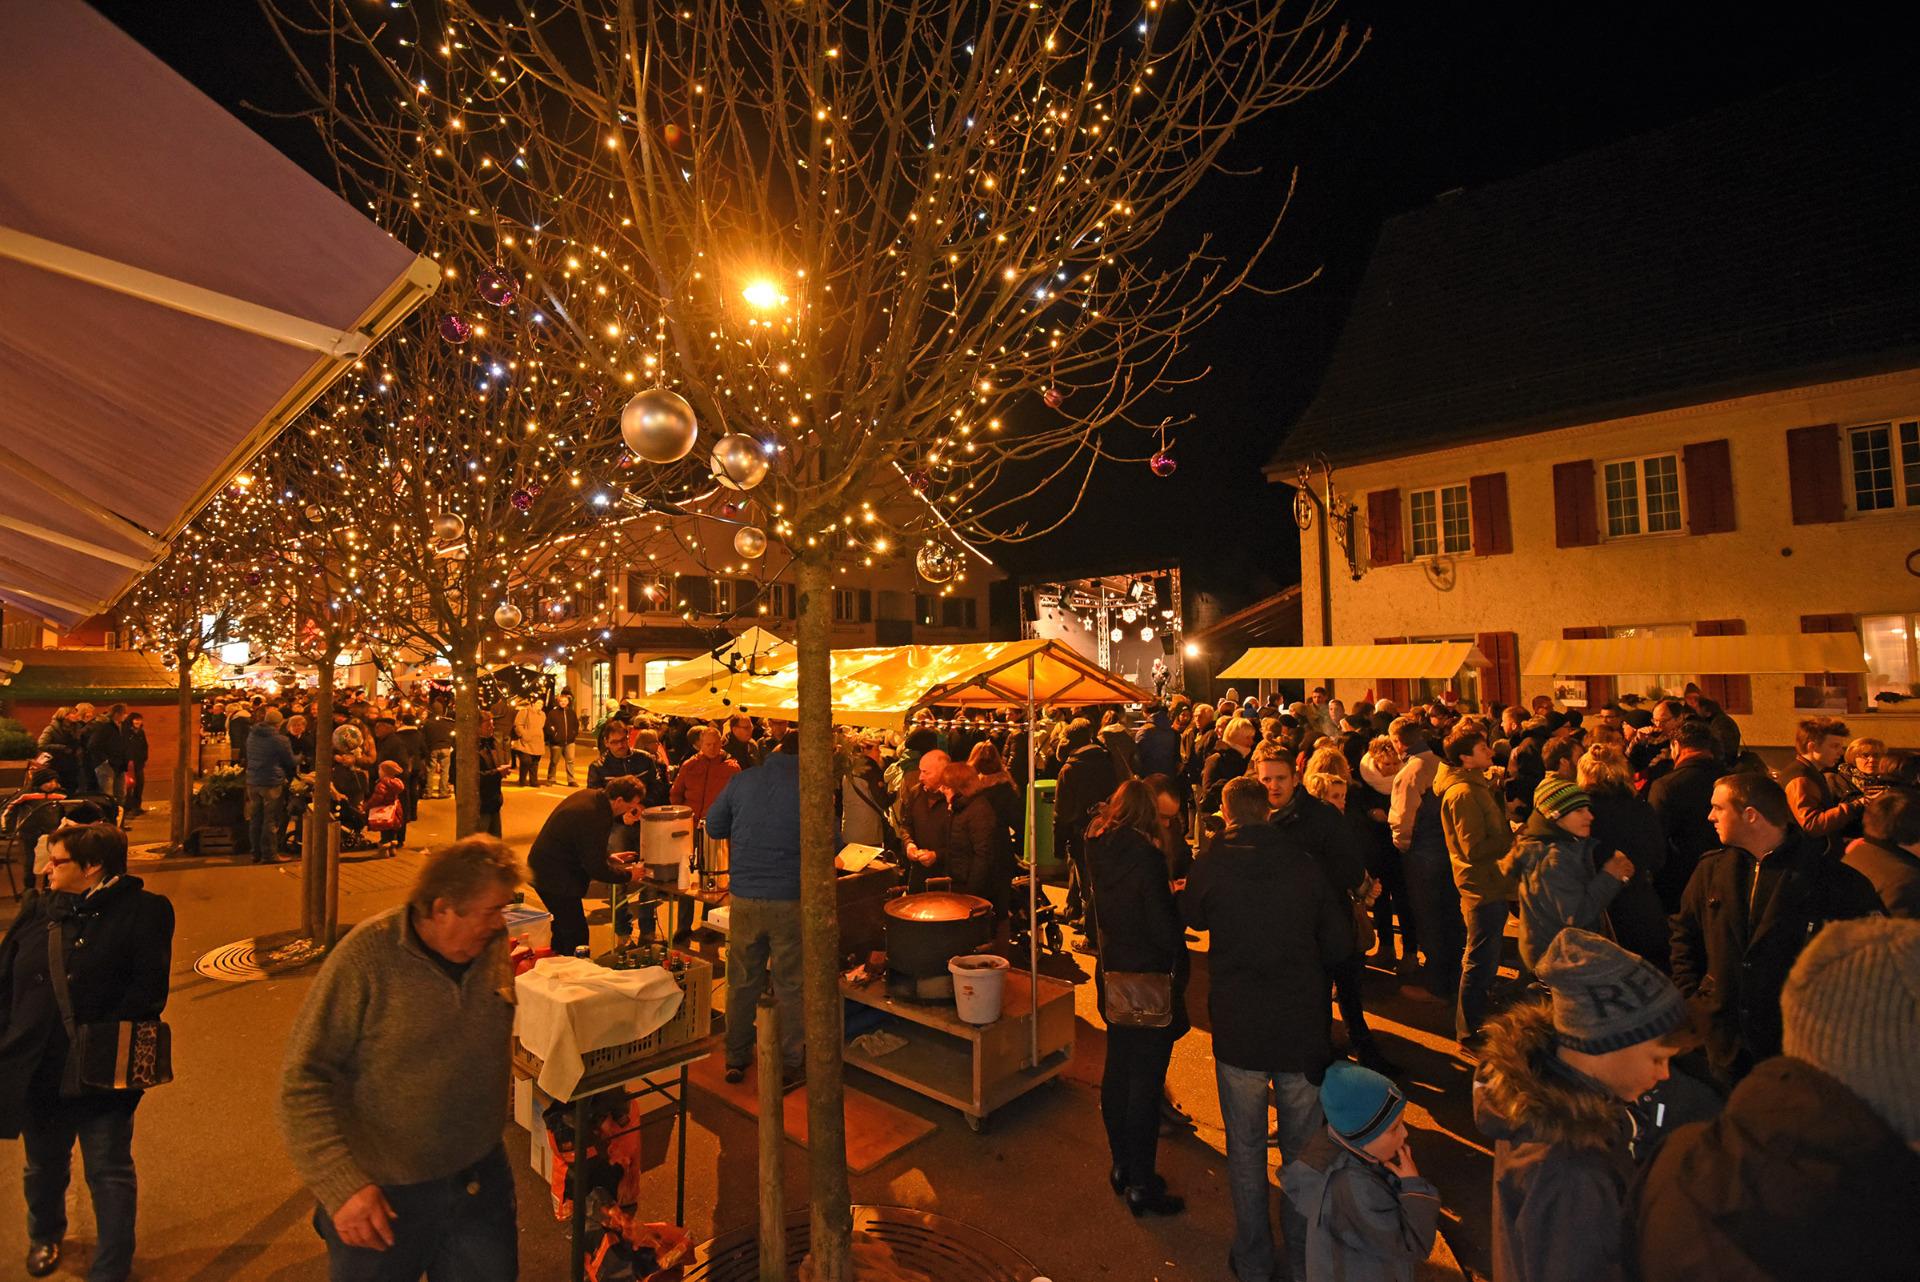 Weihnachtsmarkt Laufenburg.Verkauf Dienstleistungen Frick Laufenburg Adventsstimmung Und